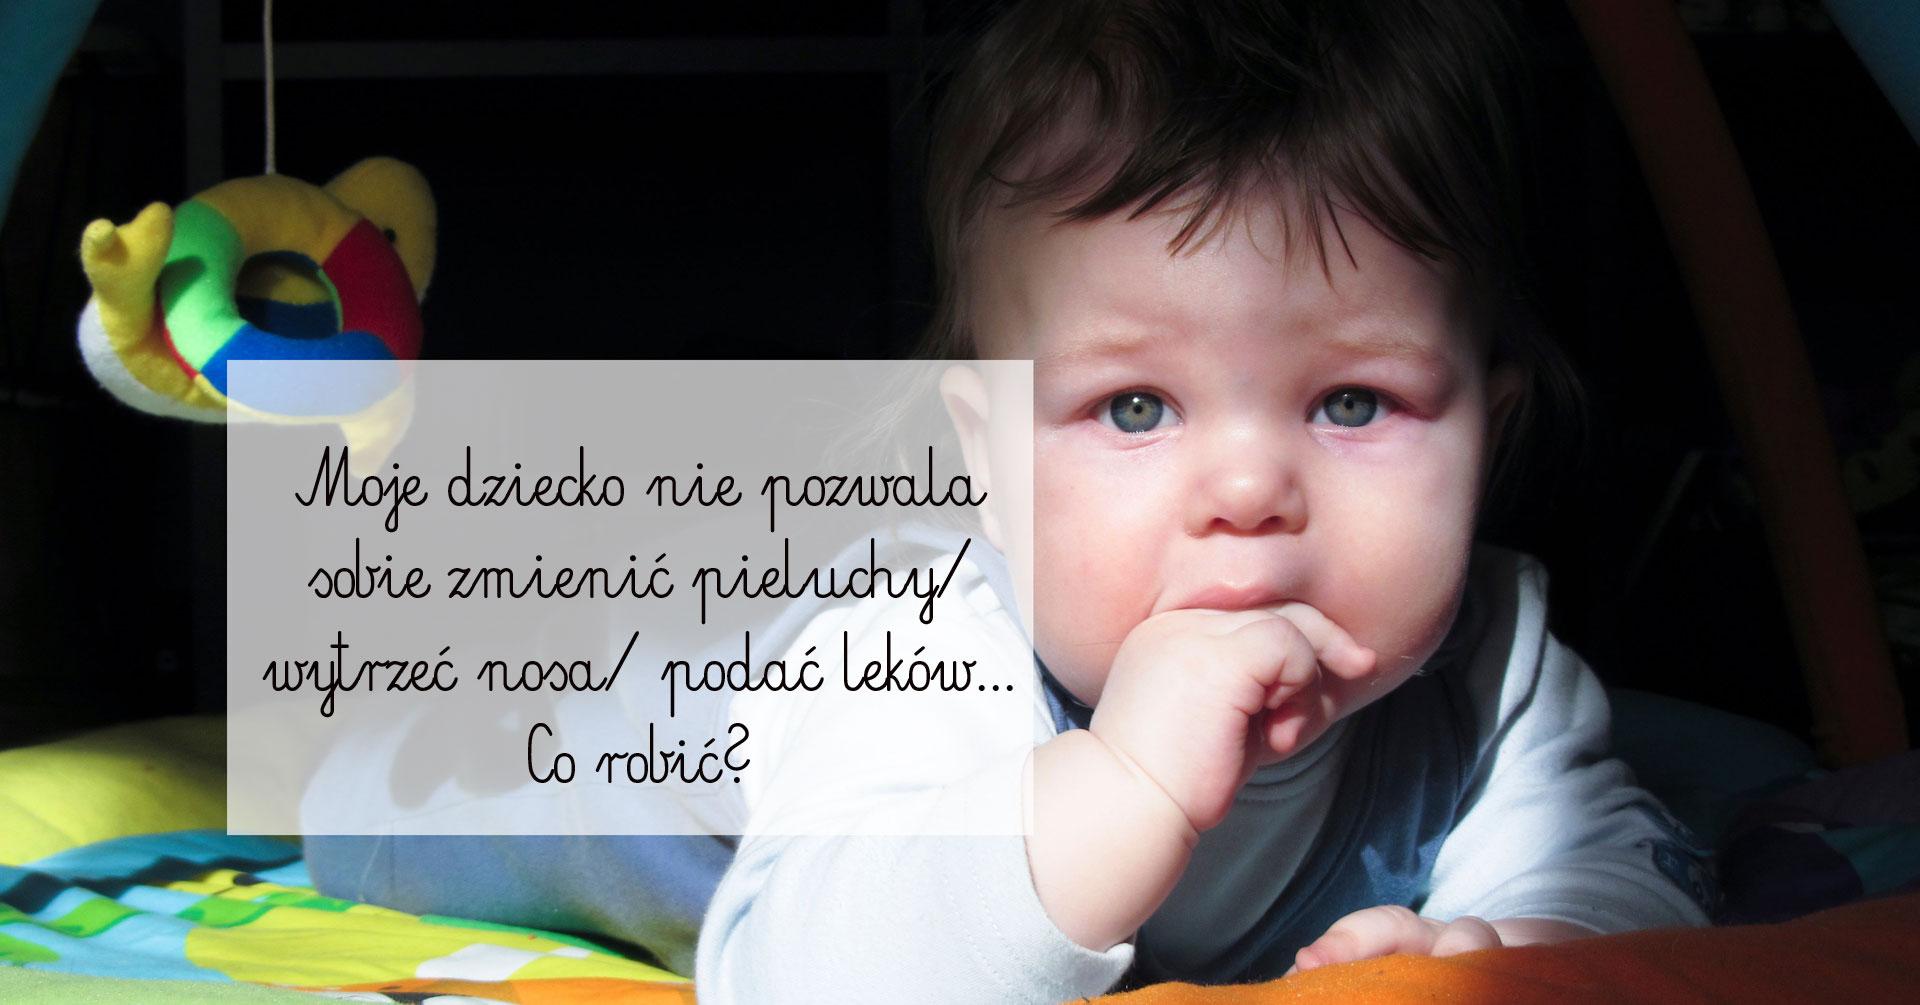 dziecko nie pozwala zmienić pieluchy, dziecko nie chce brać leków, niemowlak nie chce leków,